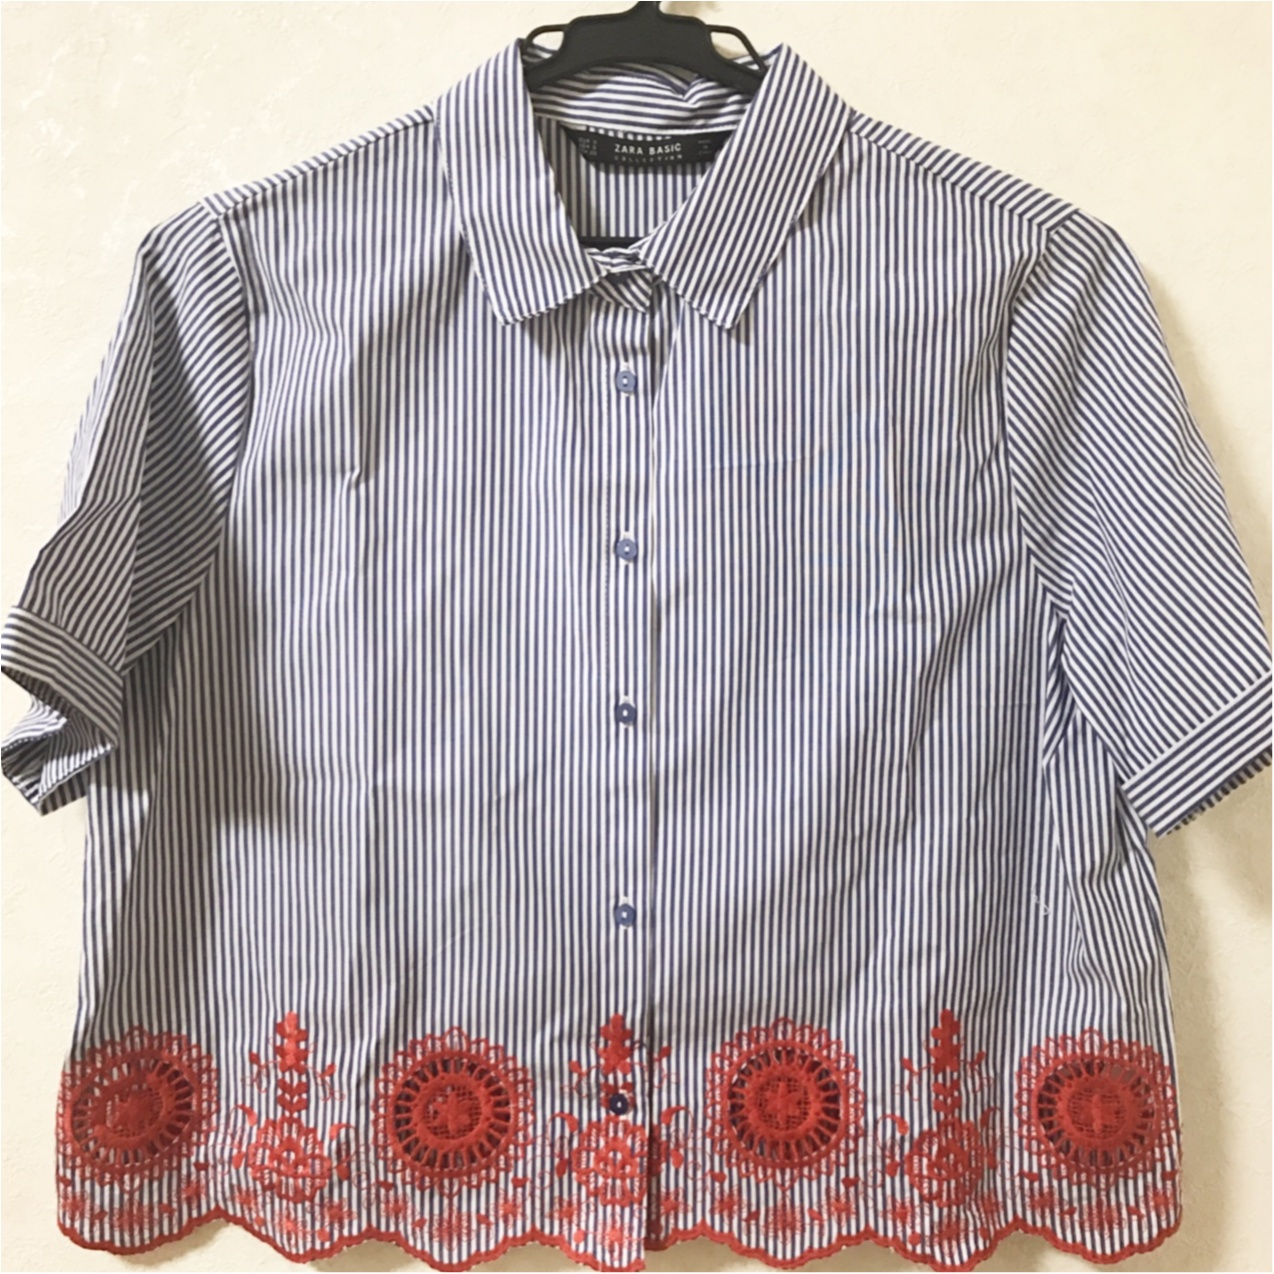 """刺繍 × ストライプにひとめぼれ♡【ZARA】で出会った""""自由になれるシャツ""""_2"""